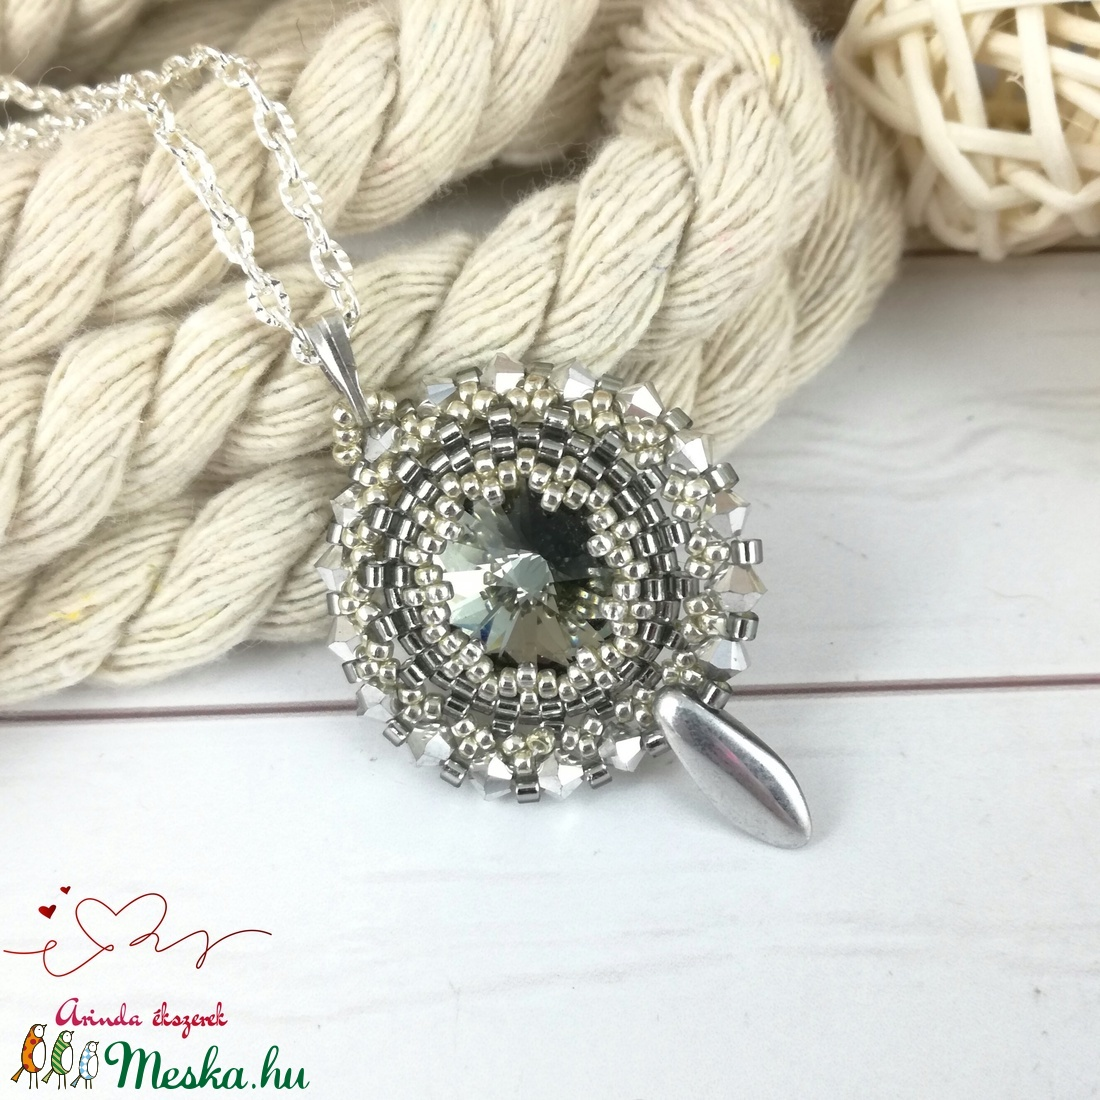 Csillogó álmok szürke swarovski nyaklánc egyedi kristály esküvő alkalmi koszorúslány örömanya menyasszony násznagy - esküvő - ékszer - nyaklánc - Meska.hu